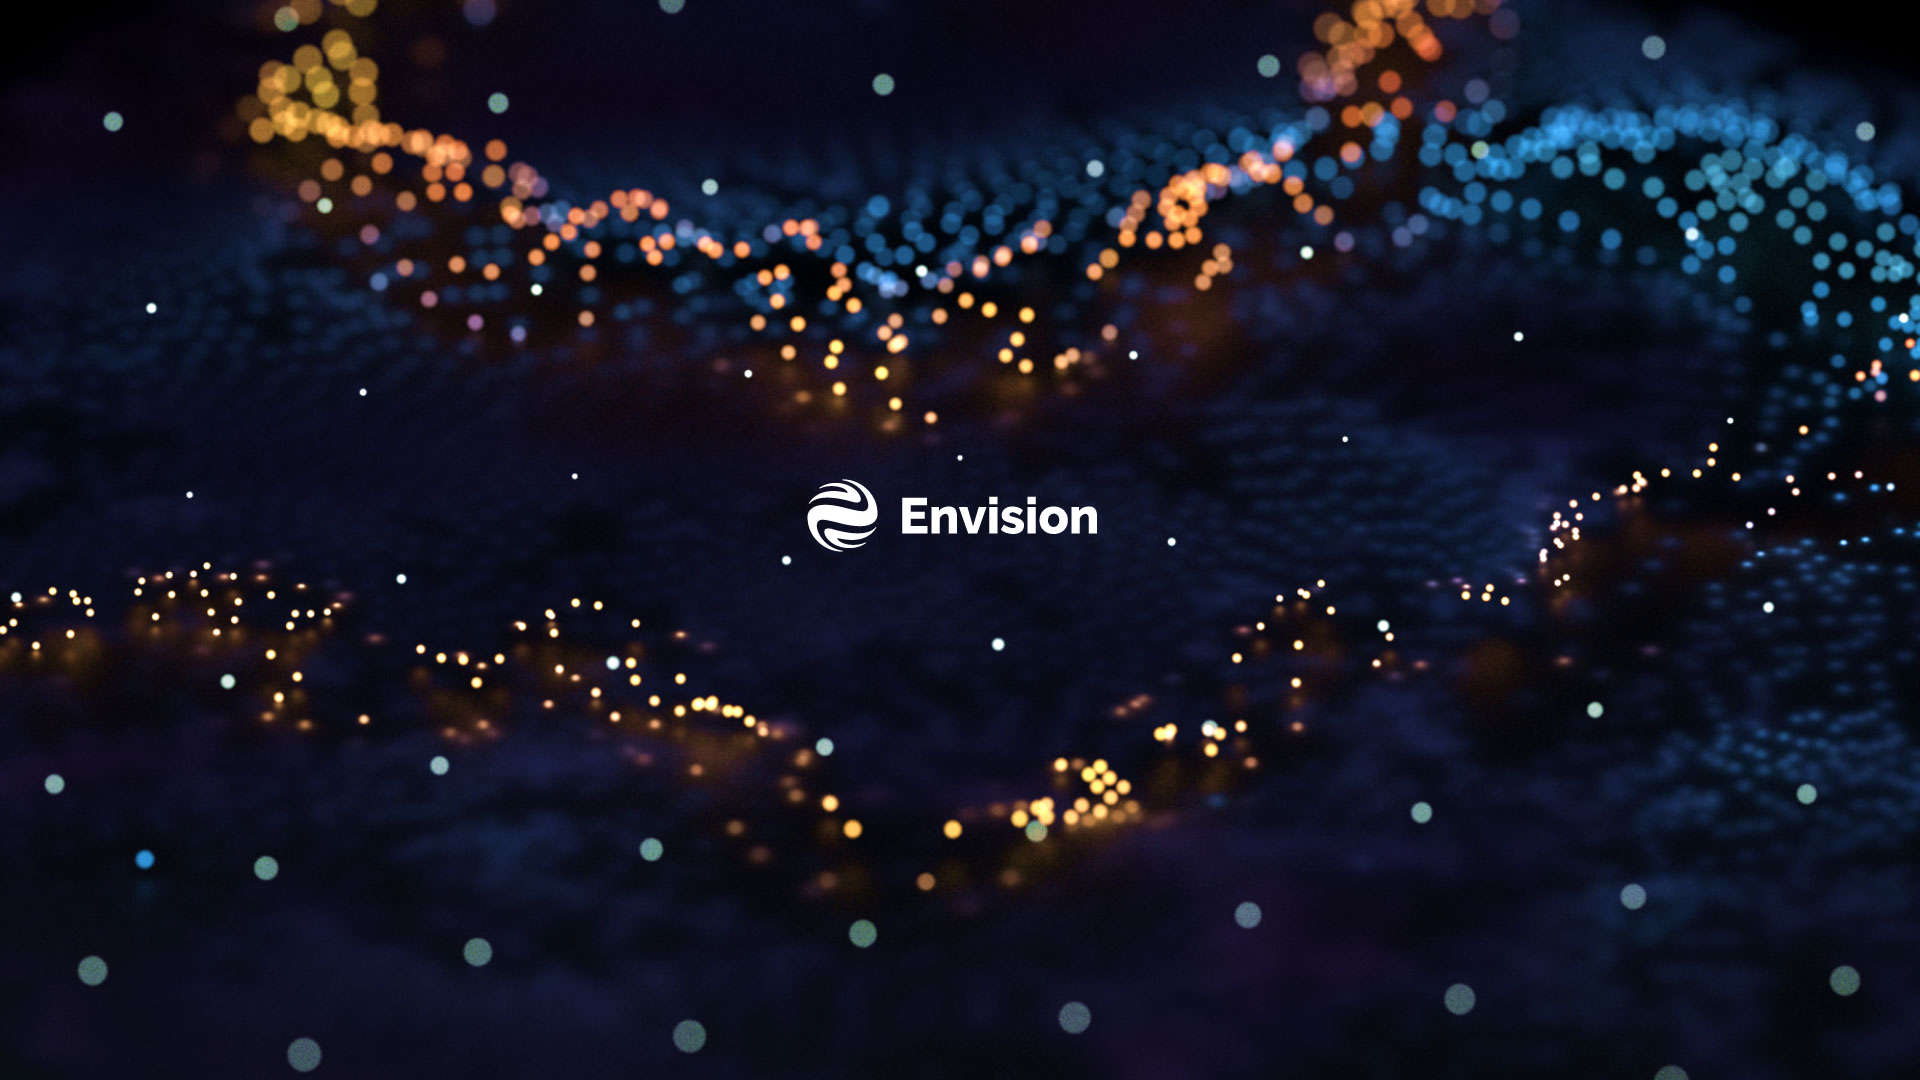 Envision_01-2